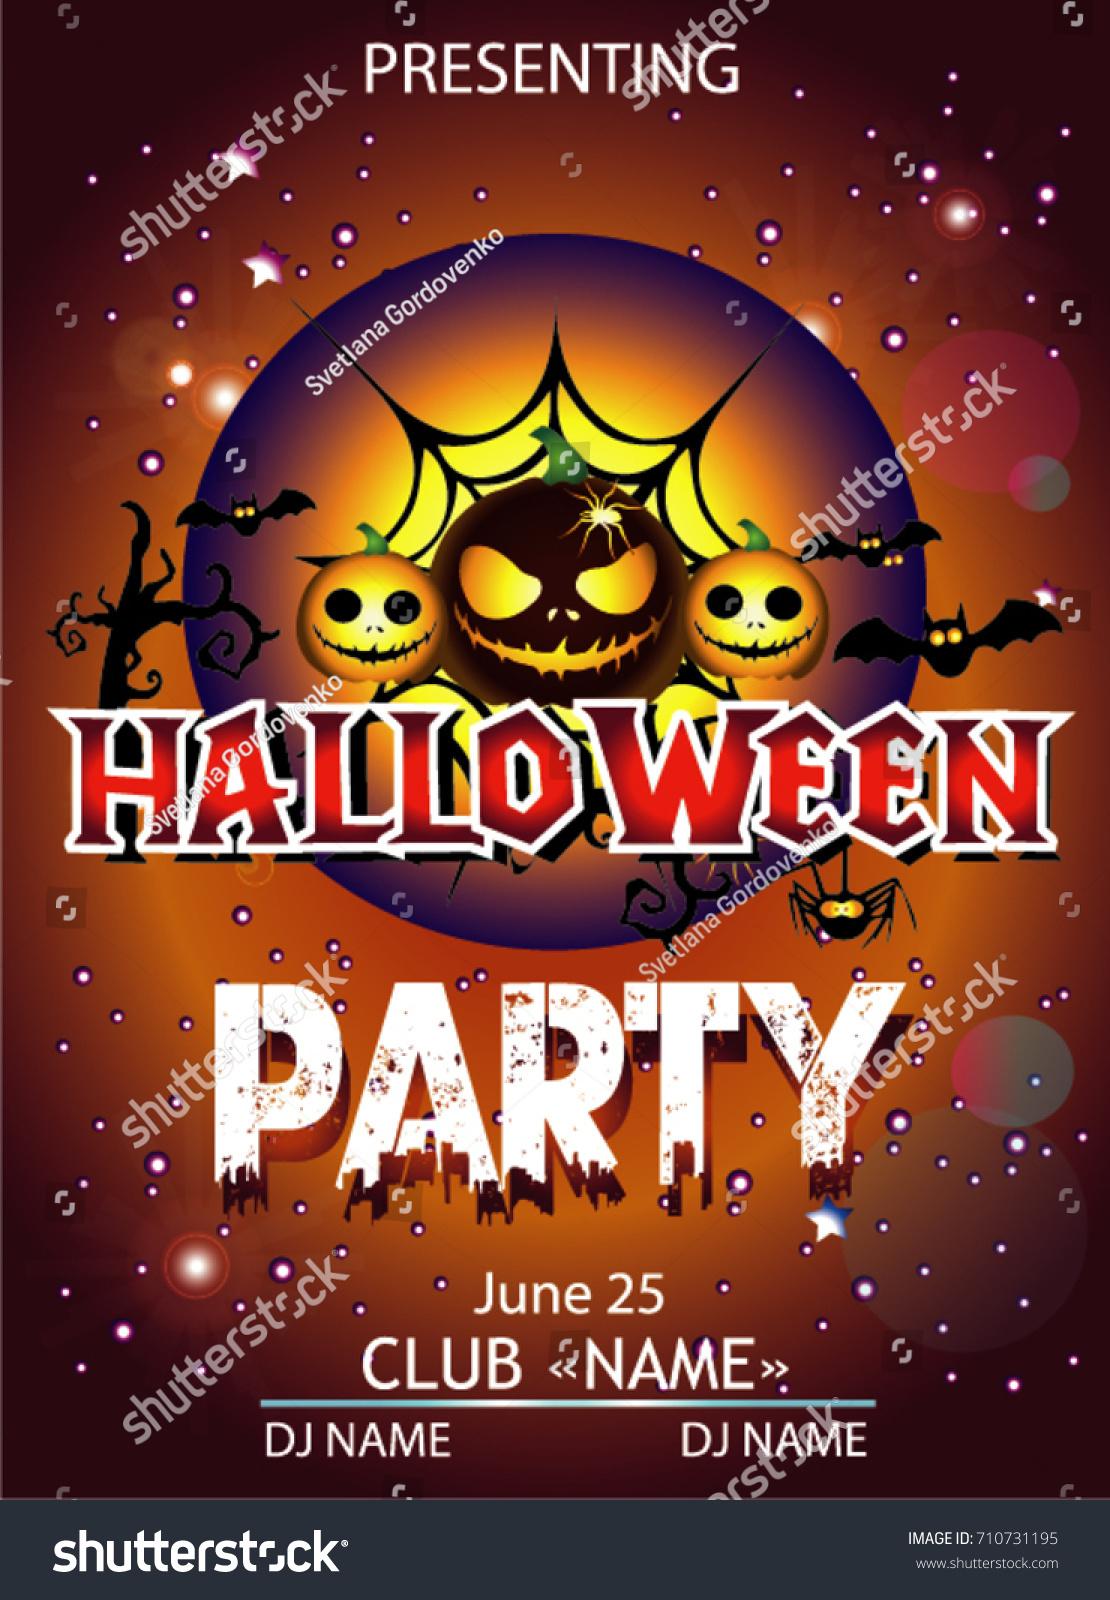 Halloween Party Cartoon Stock Vector 710731195 - Shutterstock